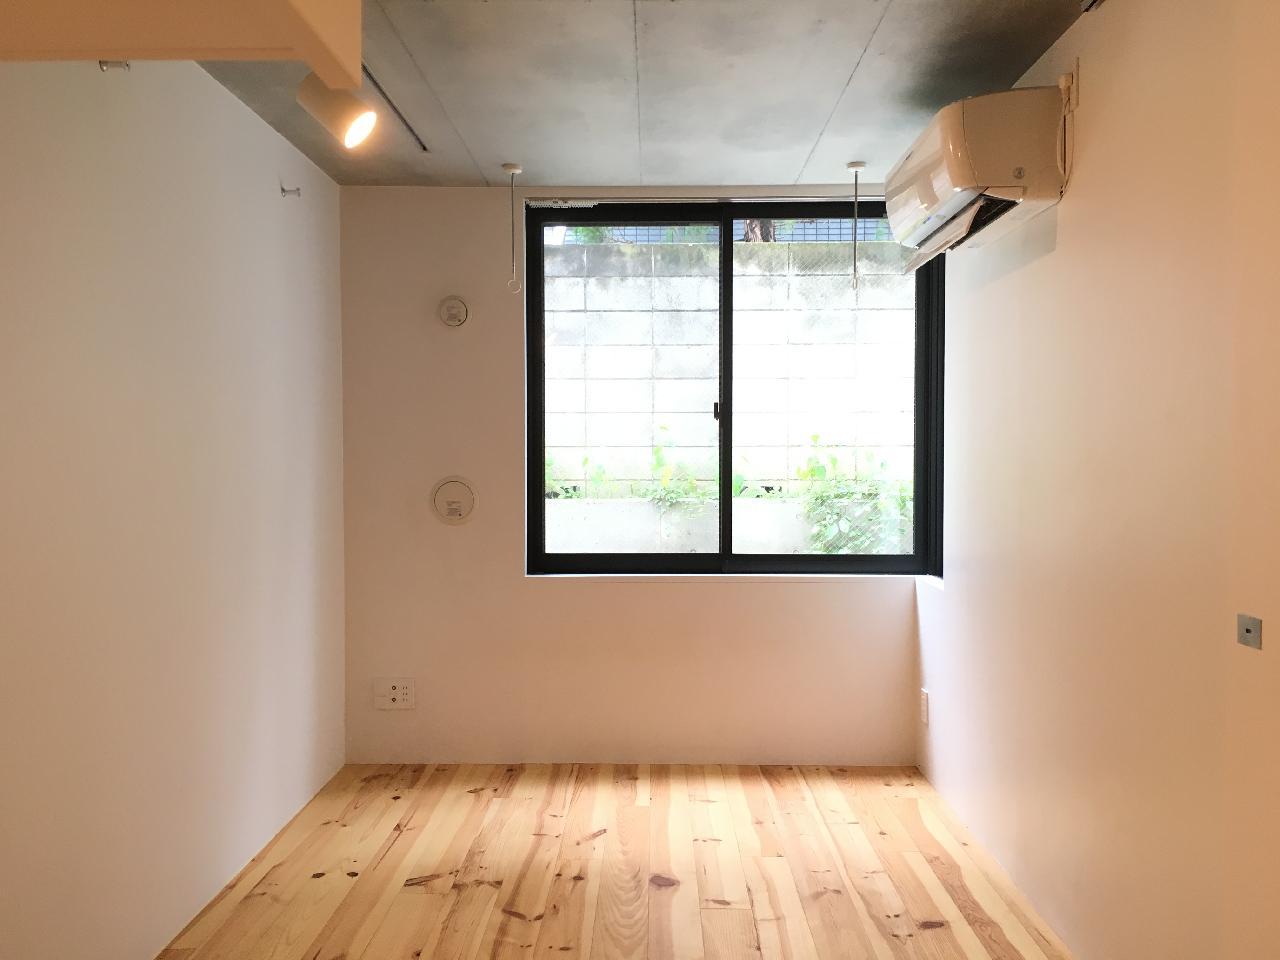 オシャレな街のシンプルしゃれ部屋 102号室東京都目黒区 東京